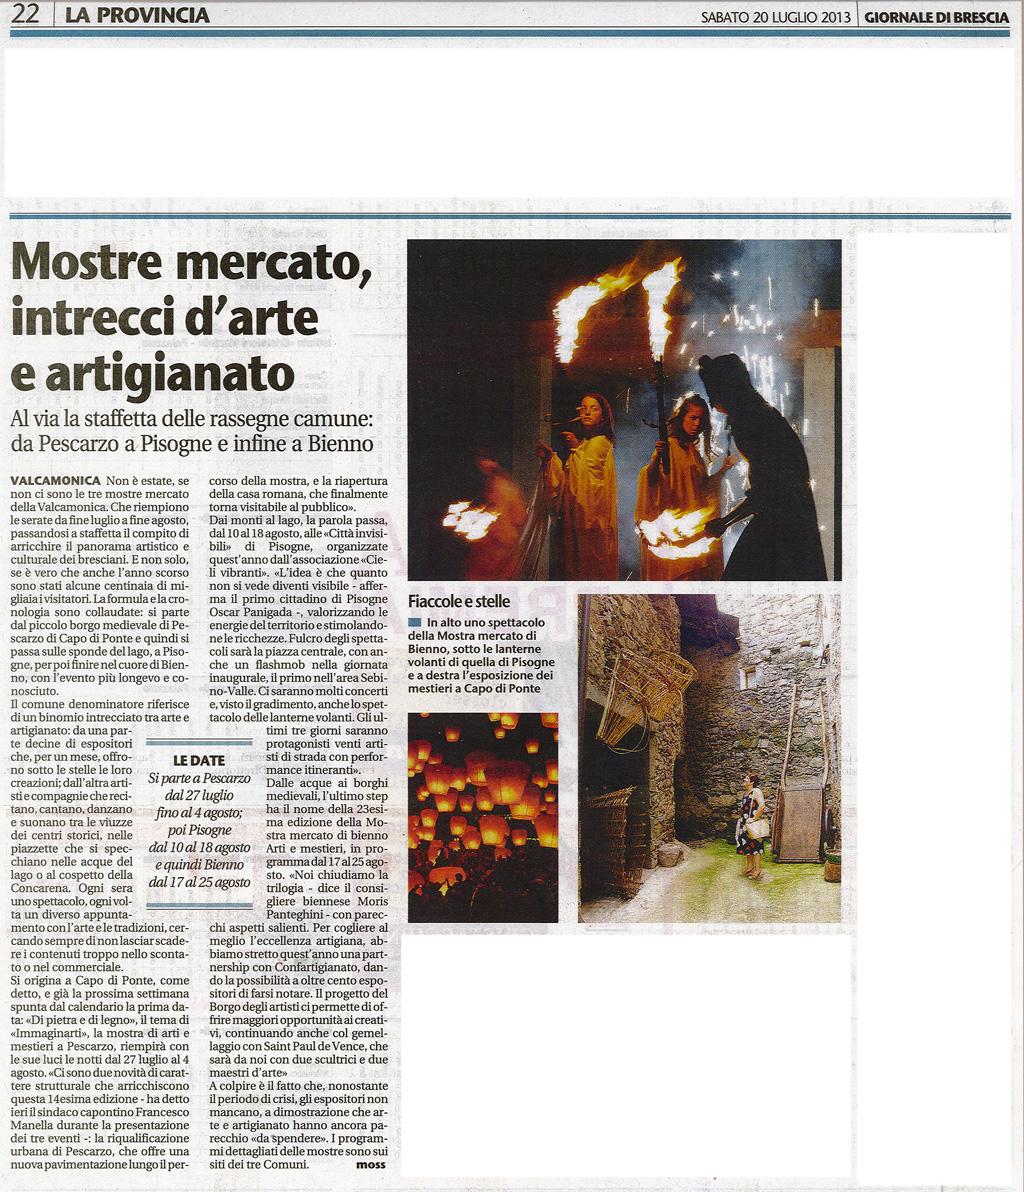 Giornale di Brescia - Sabato 20 luglio 2013